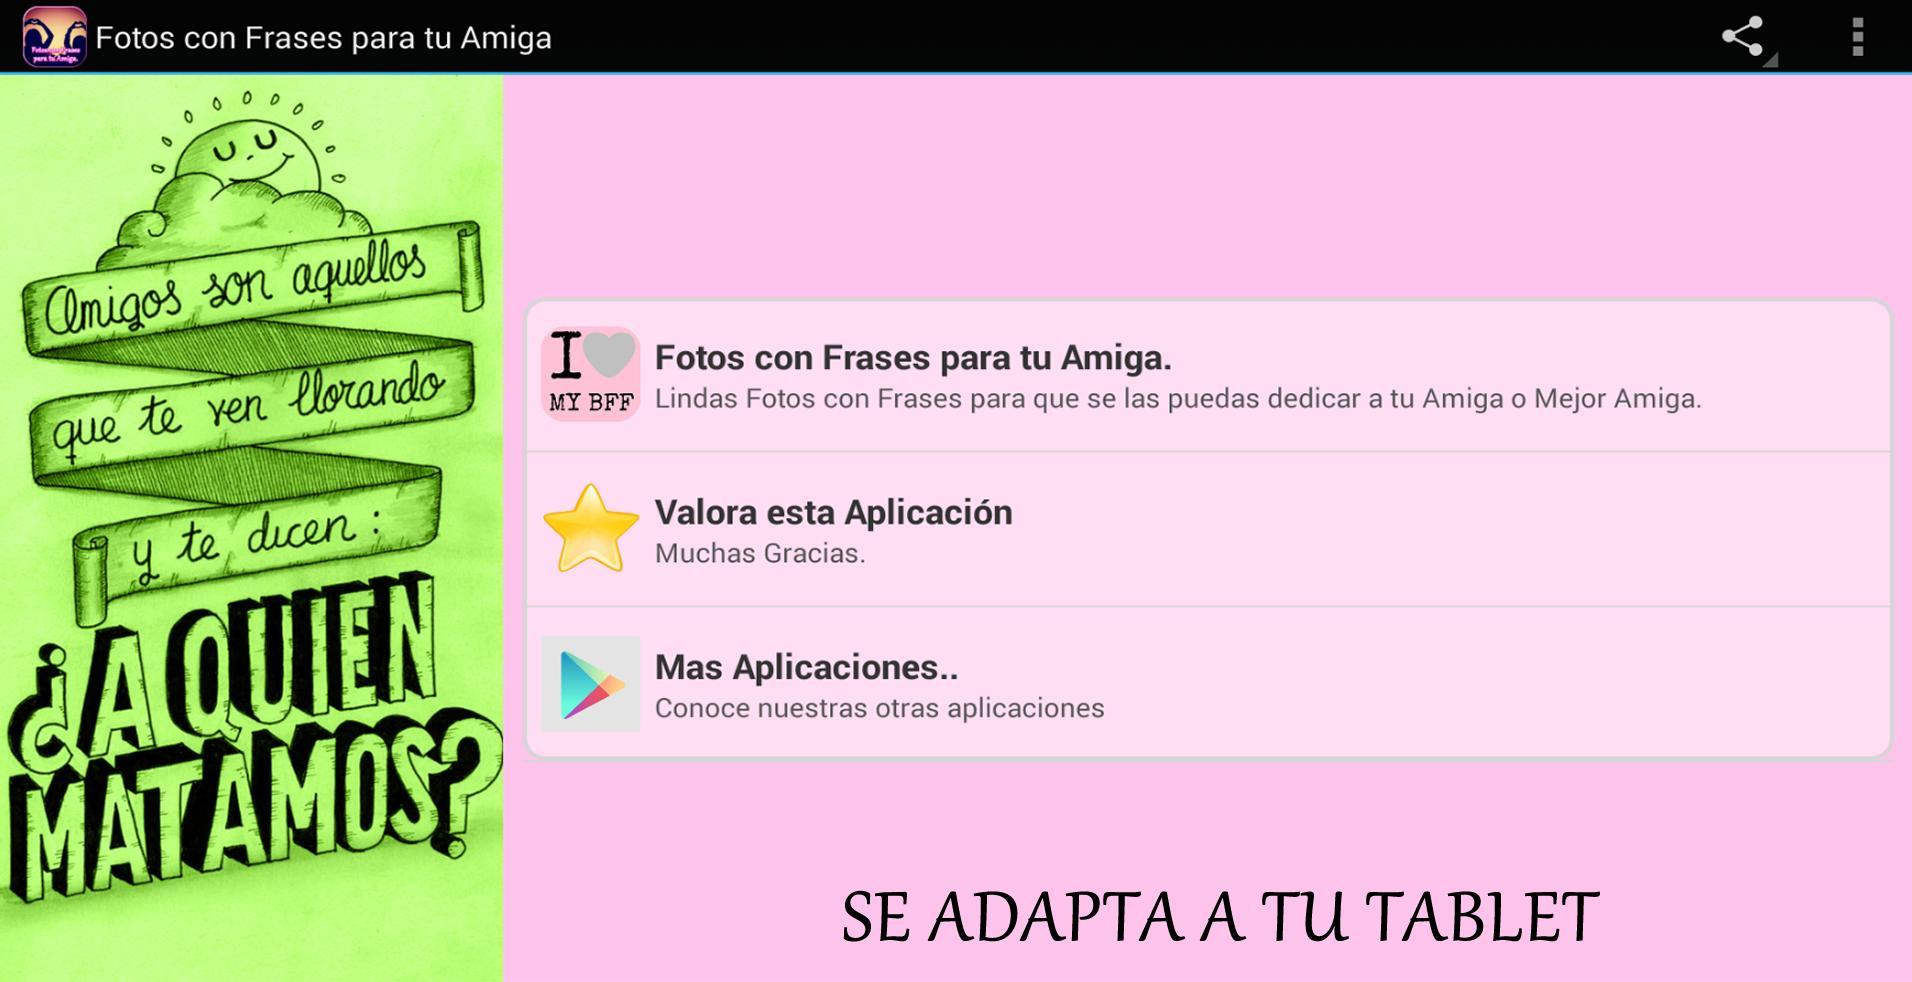 Fotos Con Frases Para Tu Amiga для андроид скачать Apk